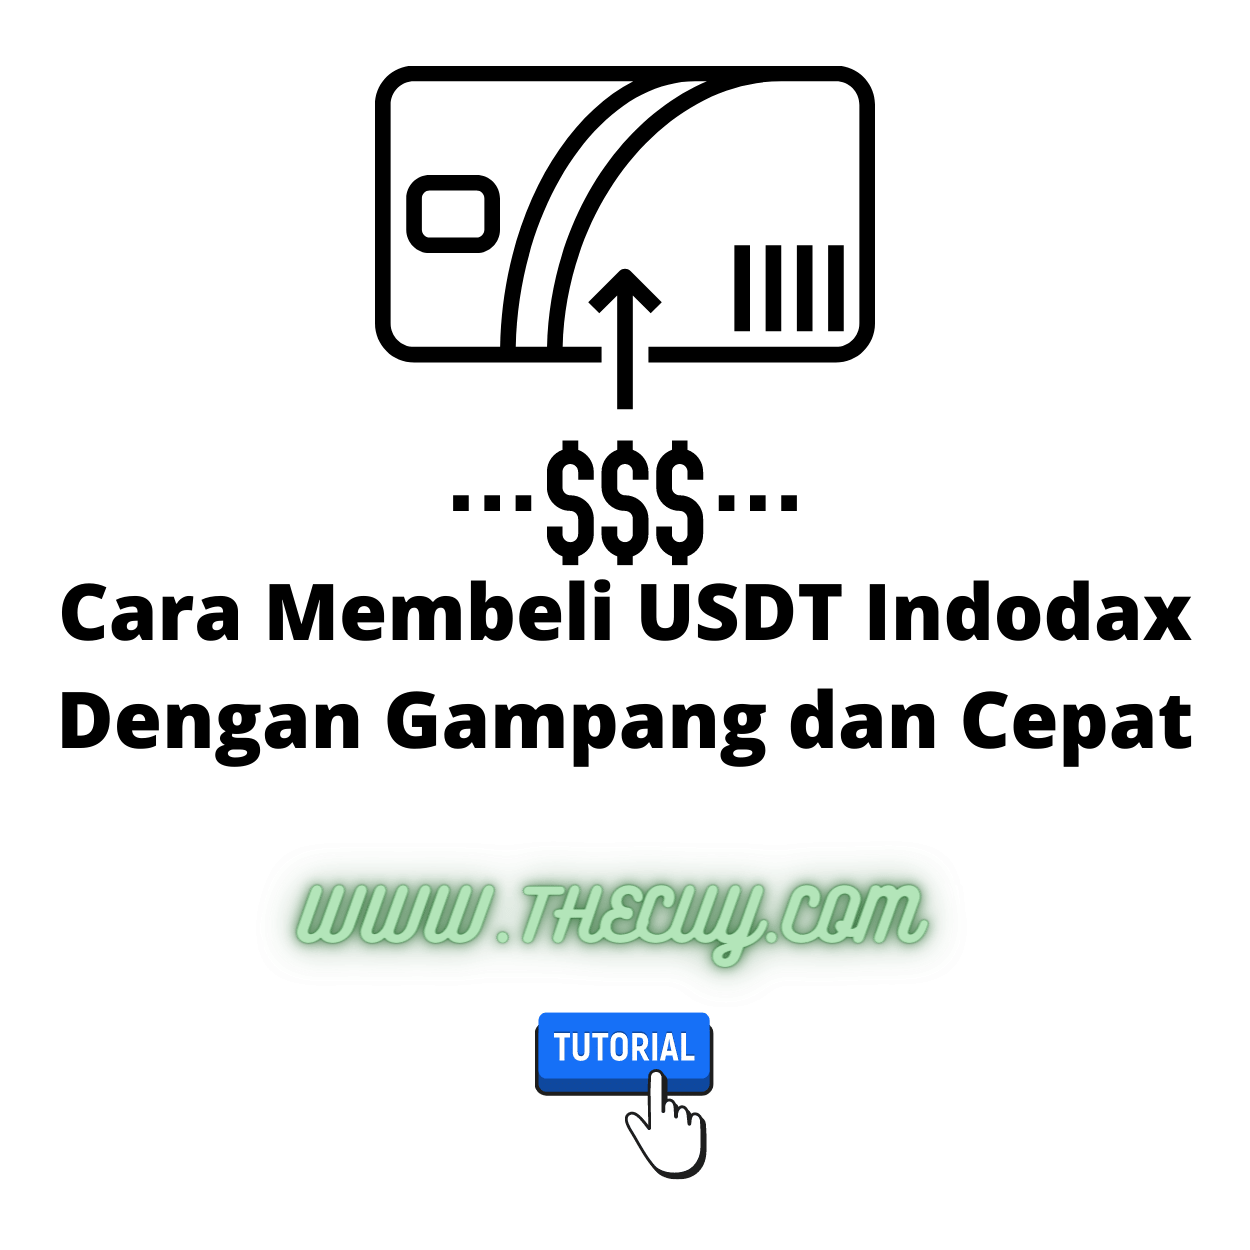 Cara Membeli USDT Indodax Dengan Gampang dan Cepat